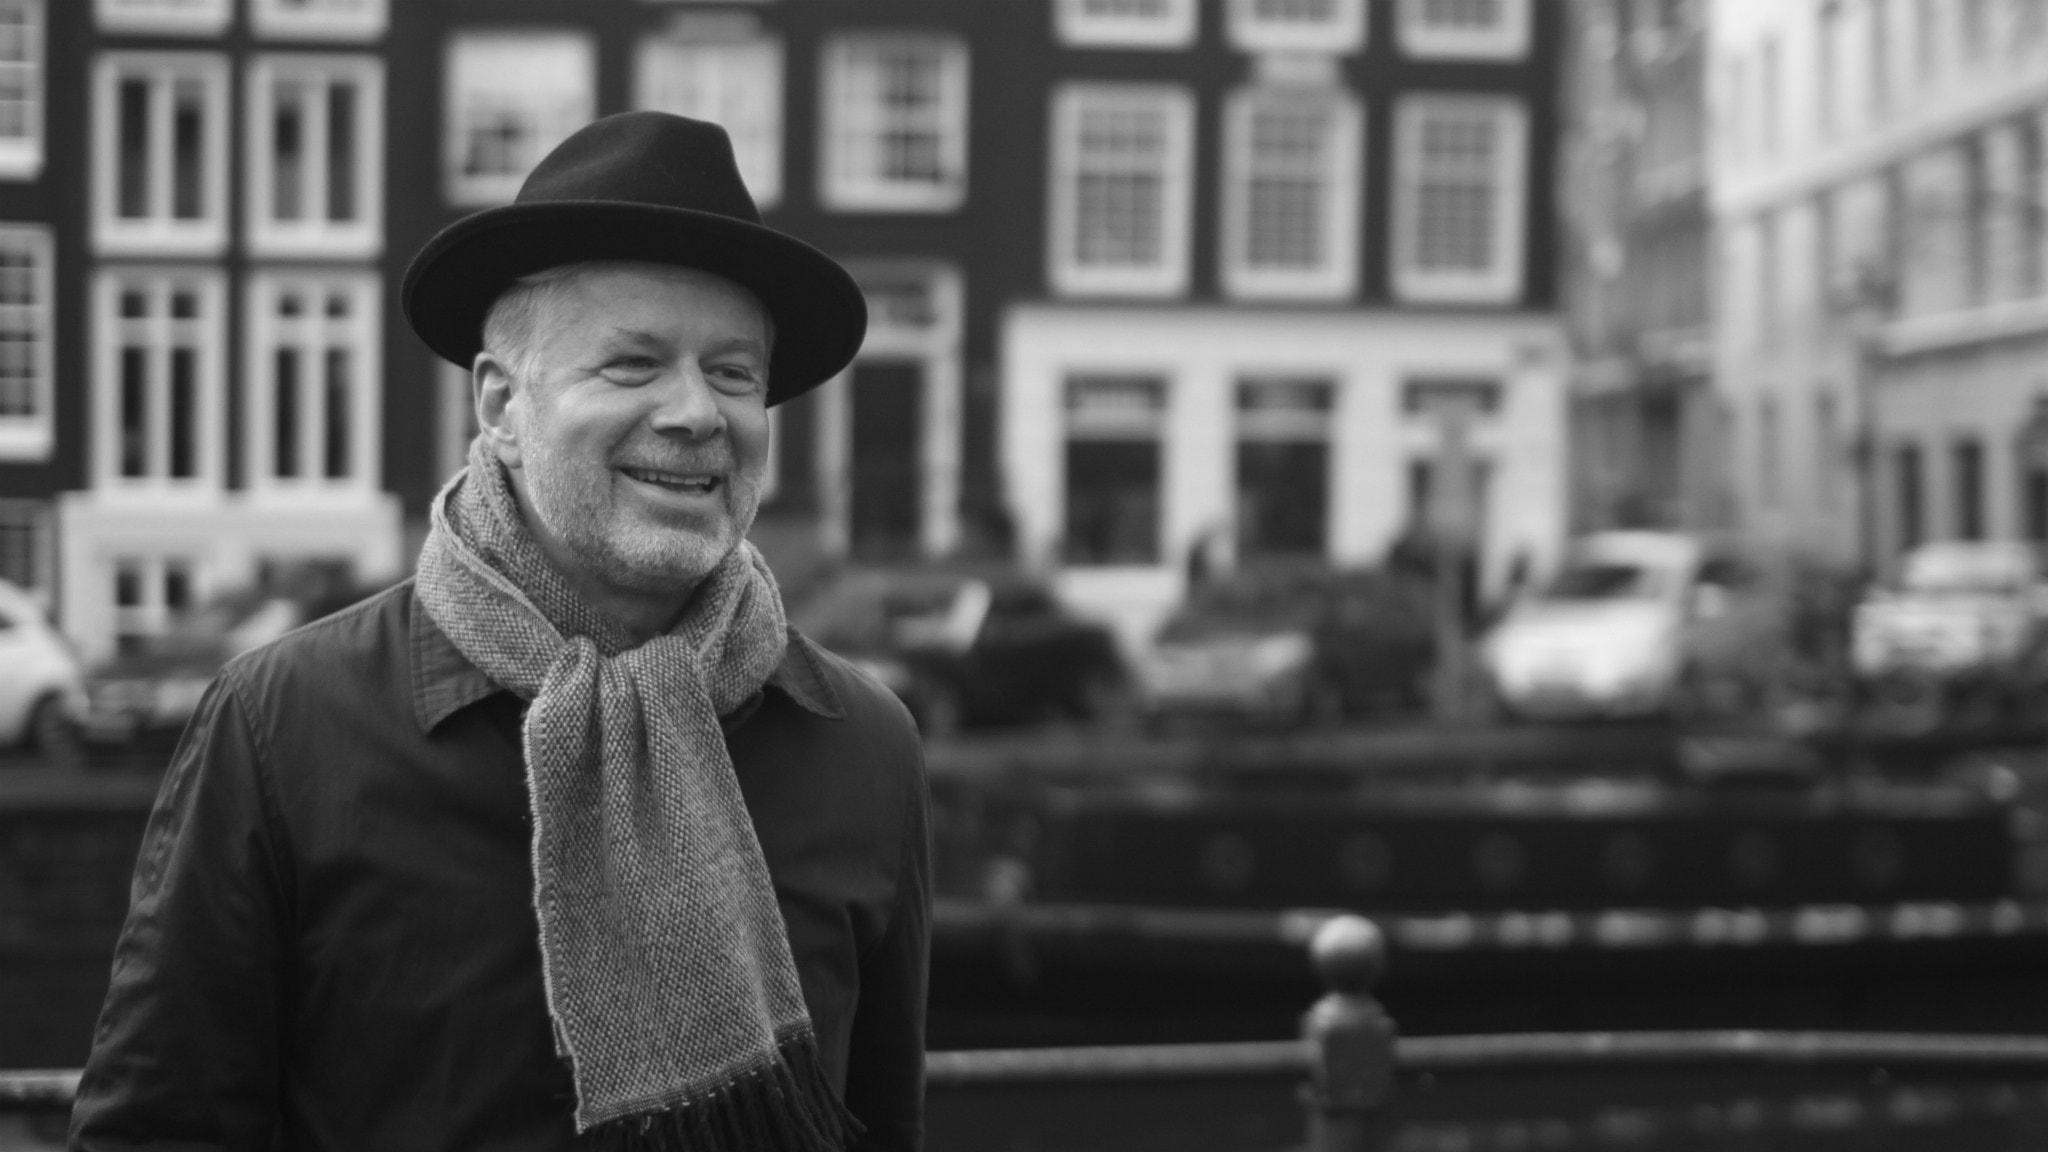 Malmö, fotboll och politik - möt Magnus Gertten som tilldelats landets finaste dokumentärfilmspris